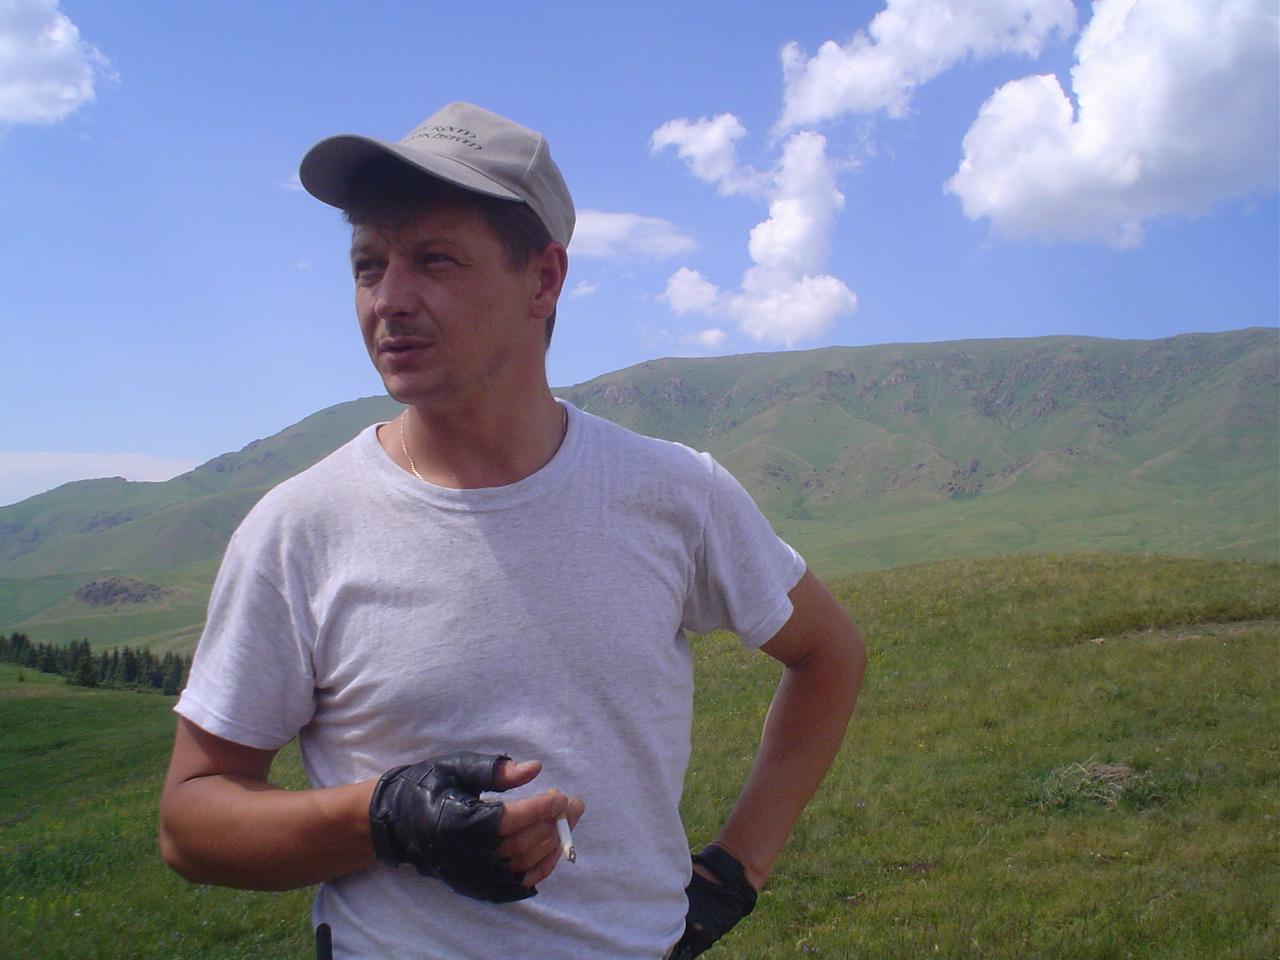 Parque Nacional de Ile-Alatau, Cazaquistão - Ásia Central 6